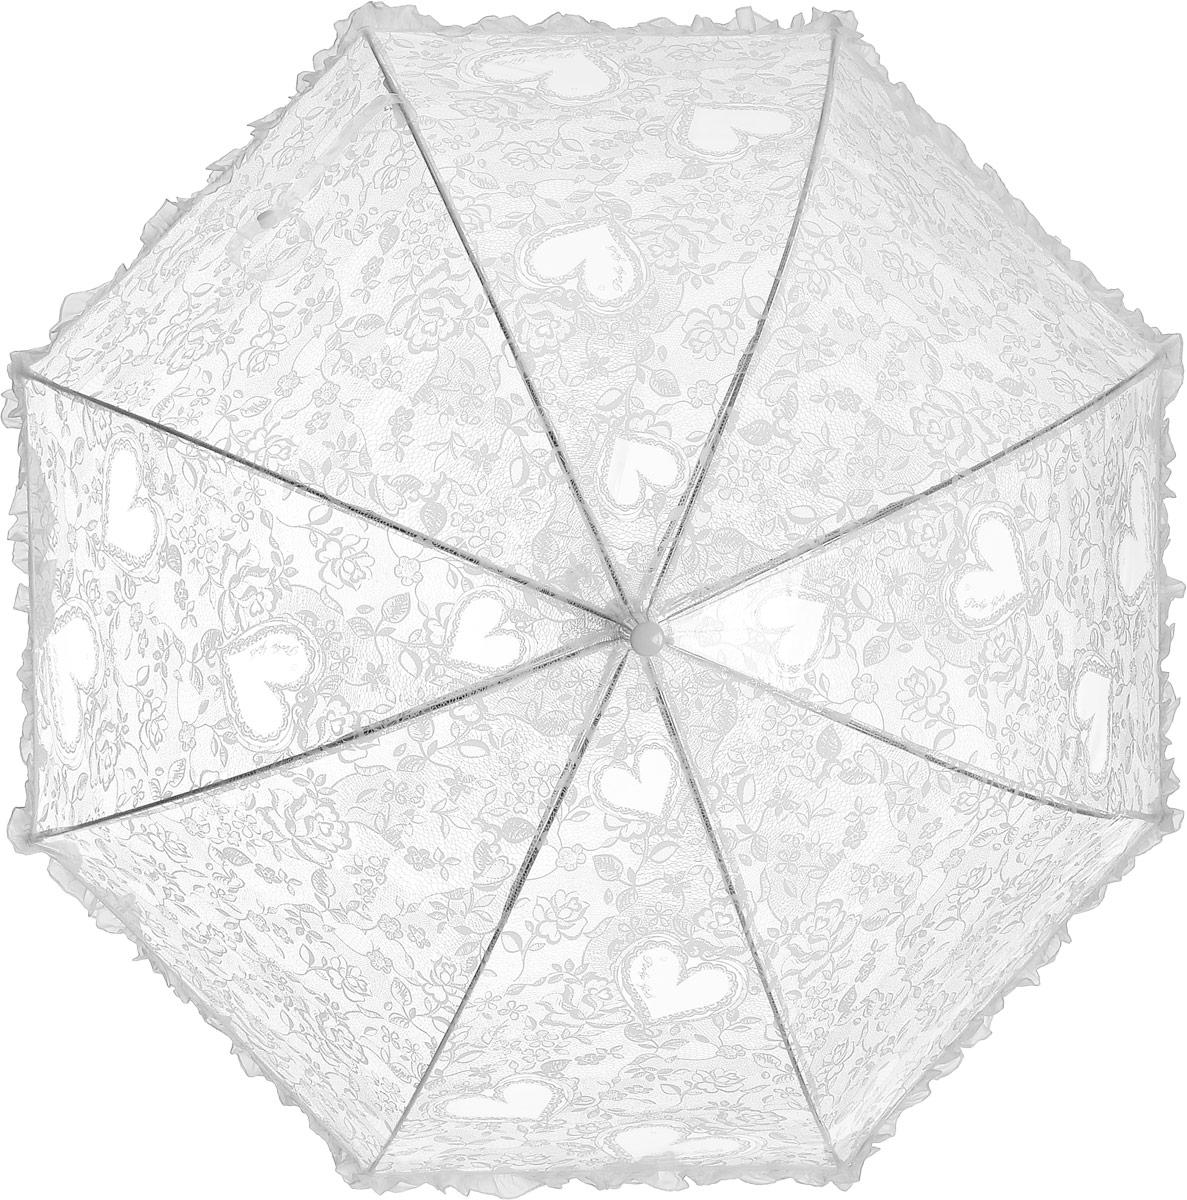 Зонт детский Airton, механический, трость, цвет: прозрачный, белый. 1651-011651-01Замечательный прозрачный зонтик с рюшей, для юной модницы с рисунком Кружева и Сердечки. Механихм зонта - полуавтомат. Аксессуар сделан с соблюдением всех стандартов безопасности, острые концы заблокированы специальными клипсами, ручка в форме крюка позволит легко повесить зонт даже на собственную руку.